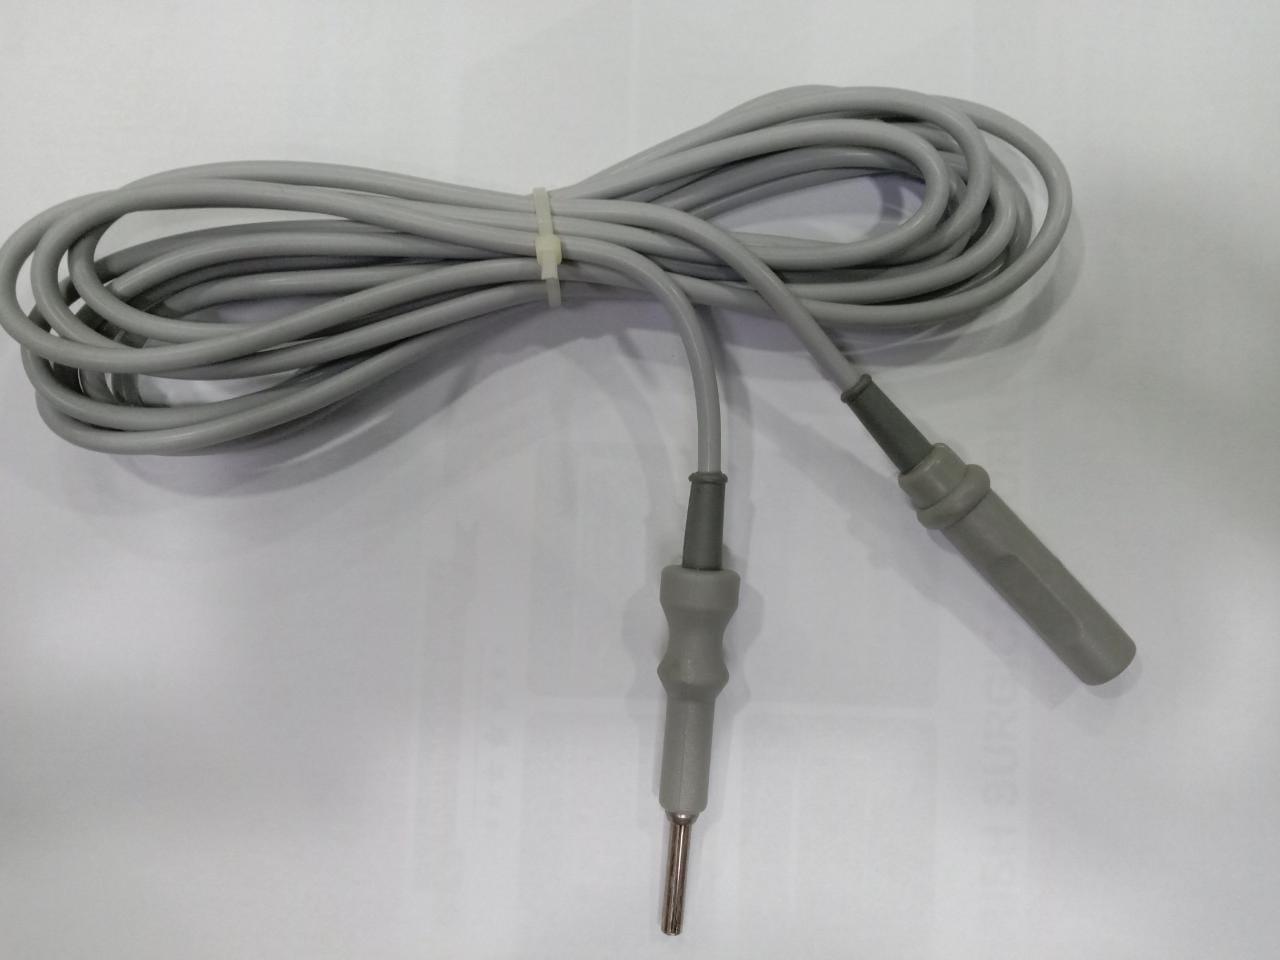 Monopolar Cable Cord